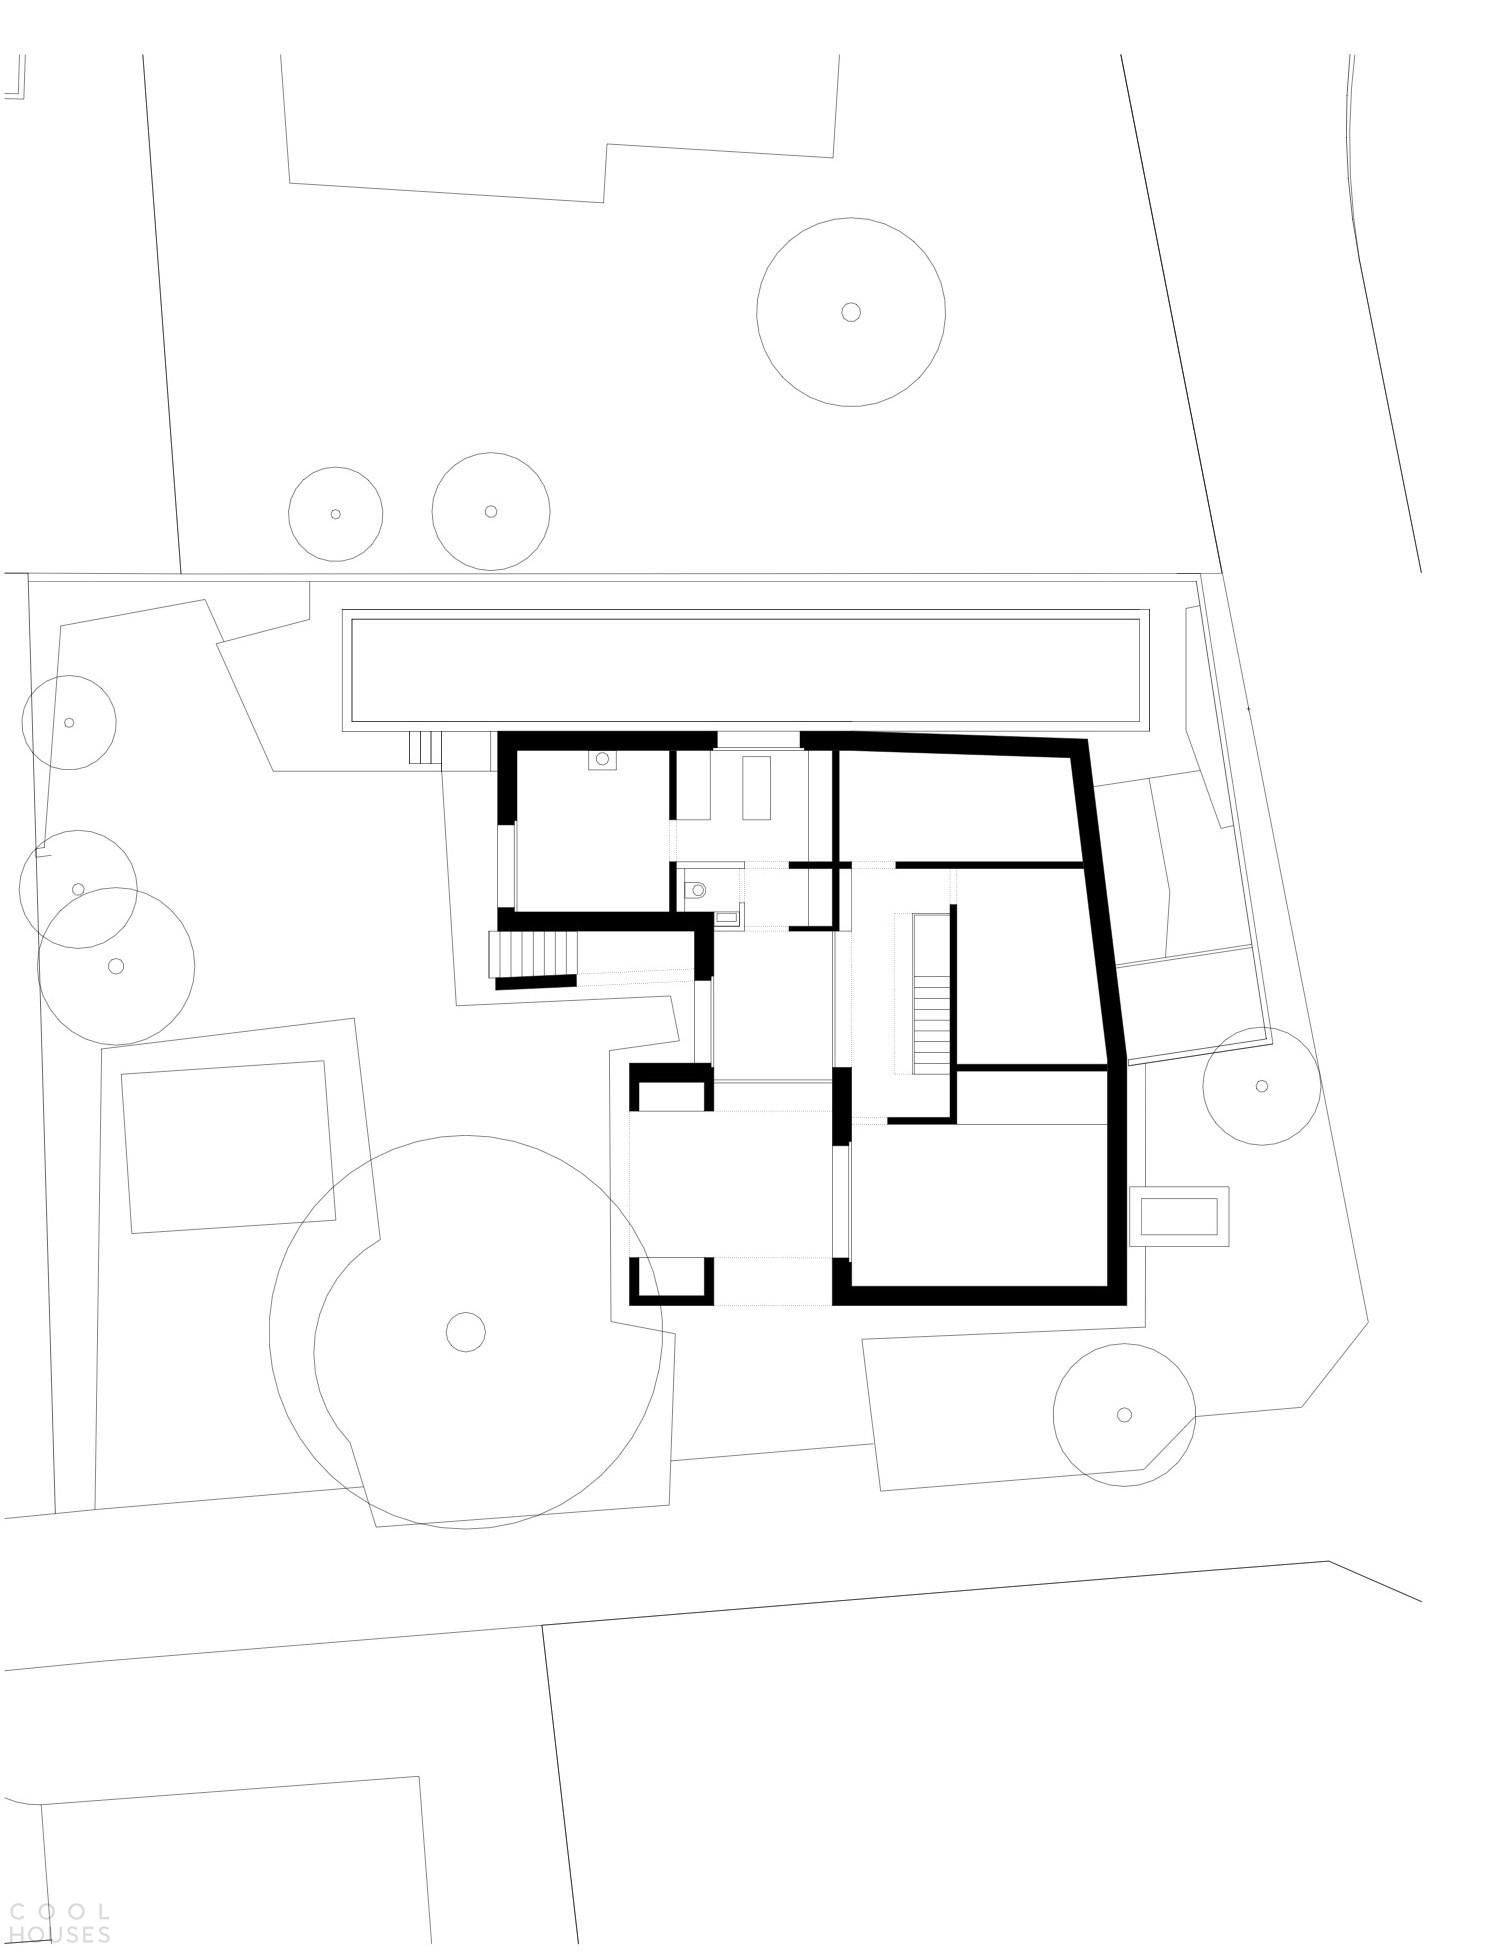 Дом Хольдергассе, демонстрирующий преимущества устойчивого строительства